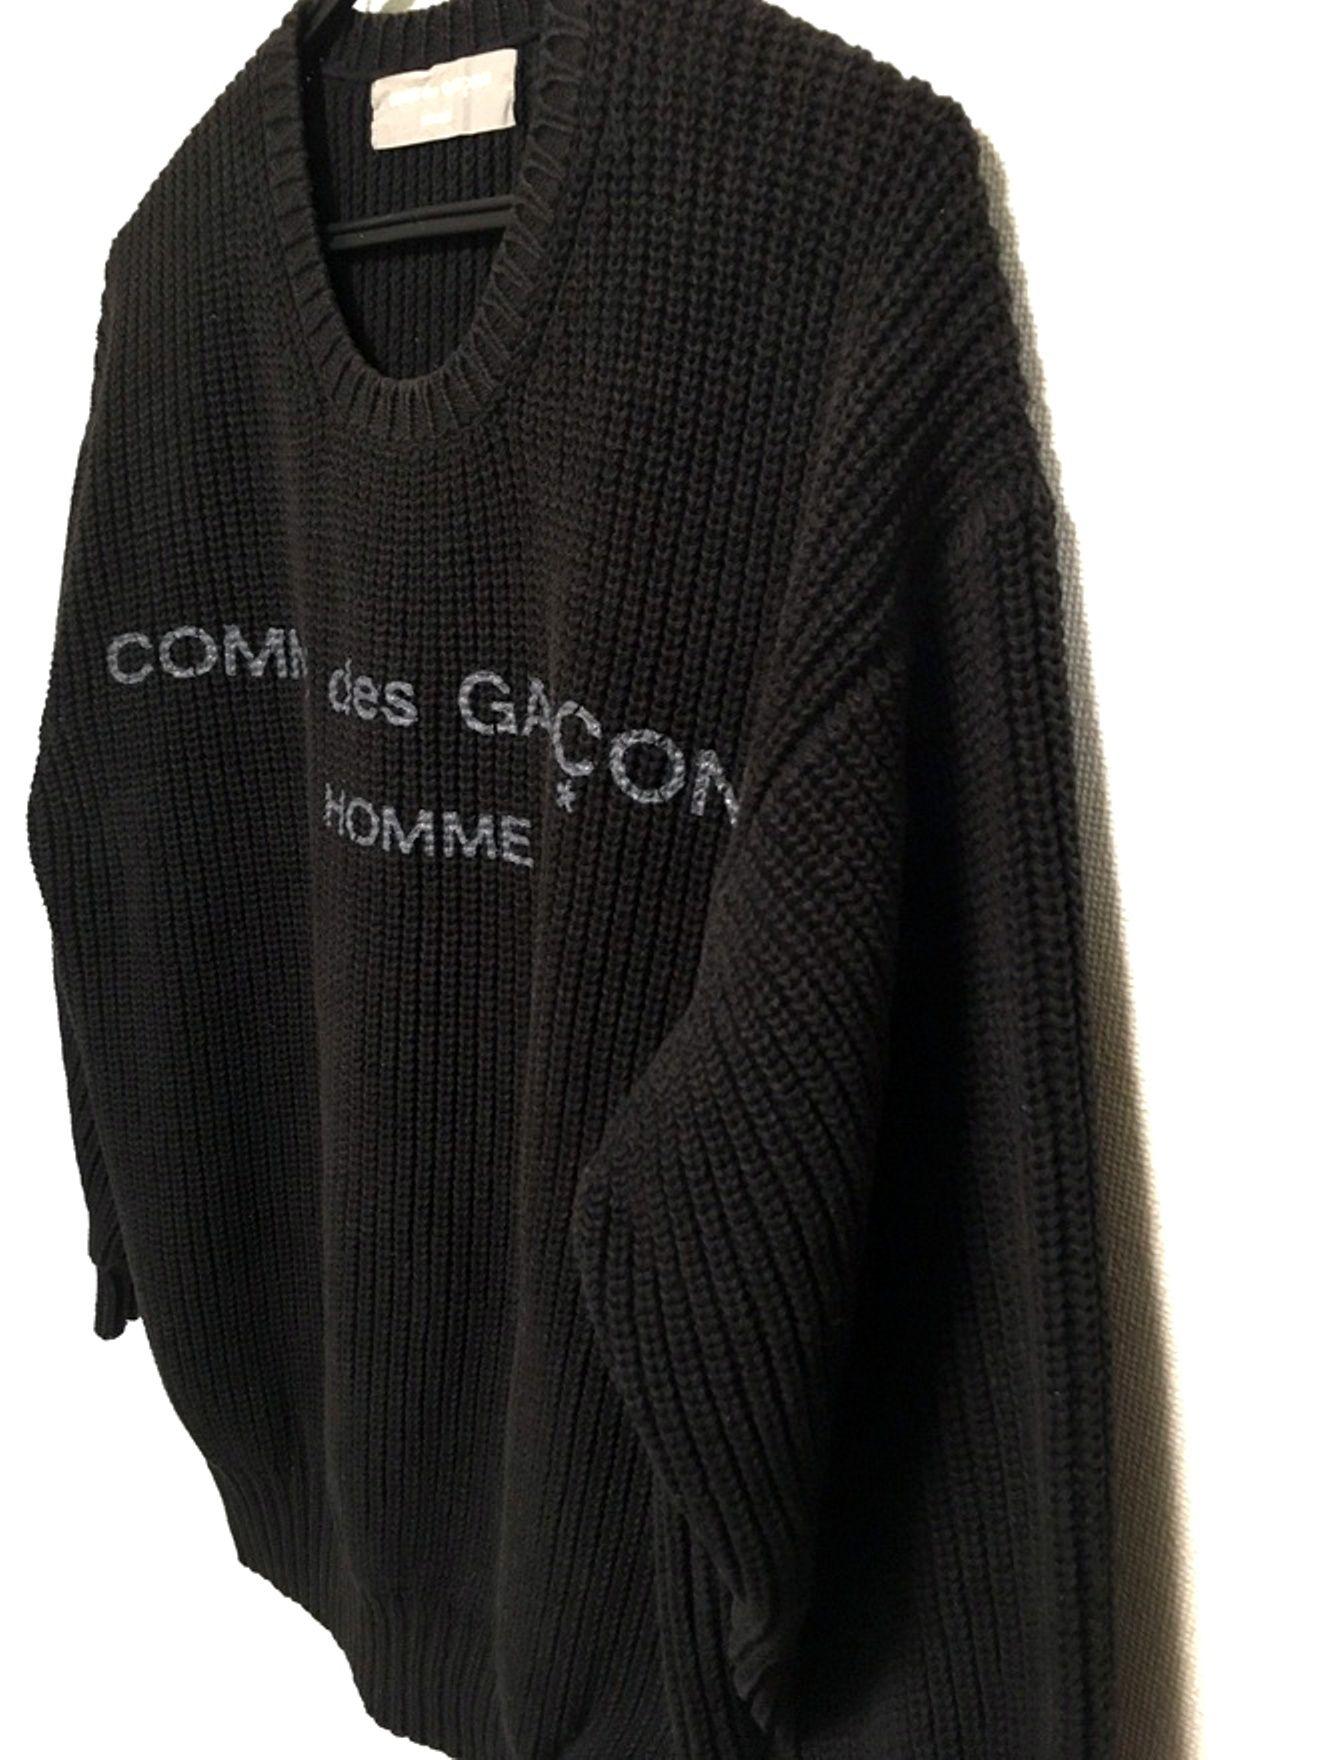 6cfb977bc583 Comme des Garcons Vintage 80 s Comme Des Garcons Homme Logo Knit Sweater  Black Size US L   EU 52-54   3 - 4